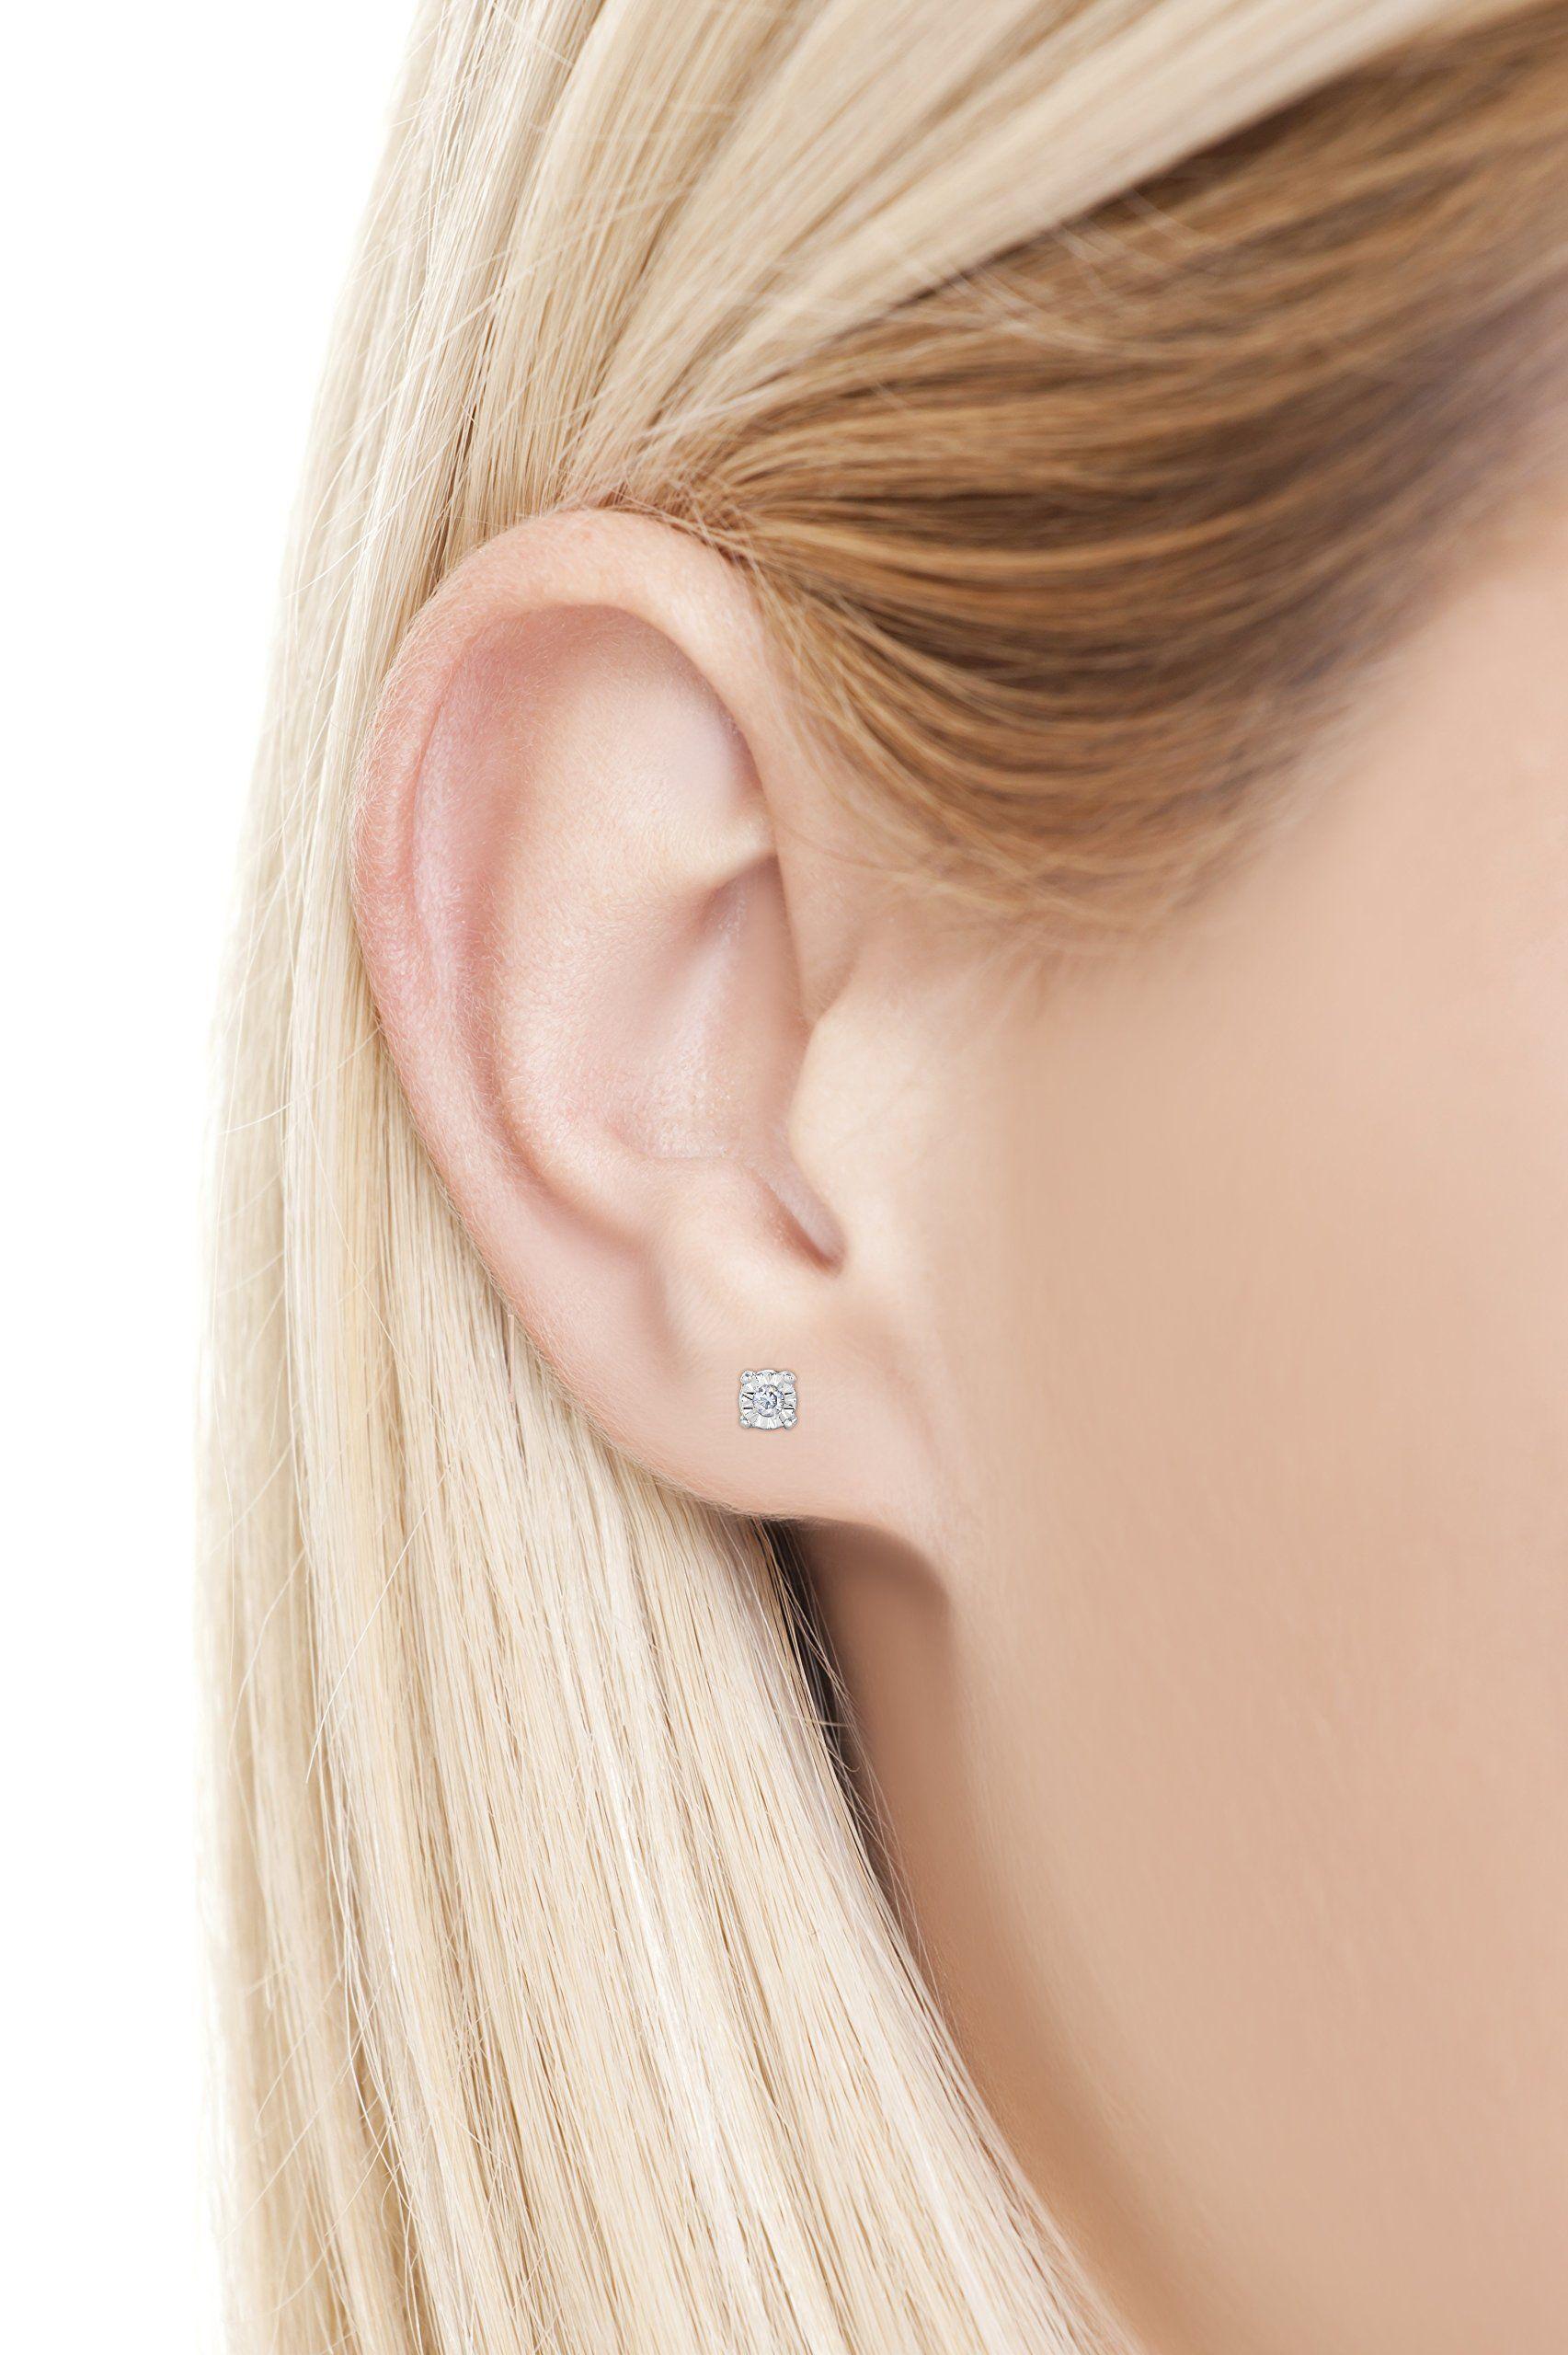 Pin On Ear Piercing